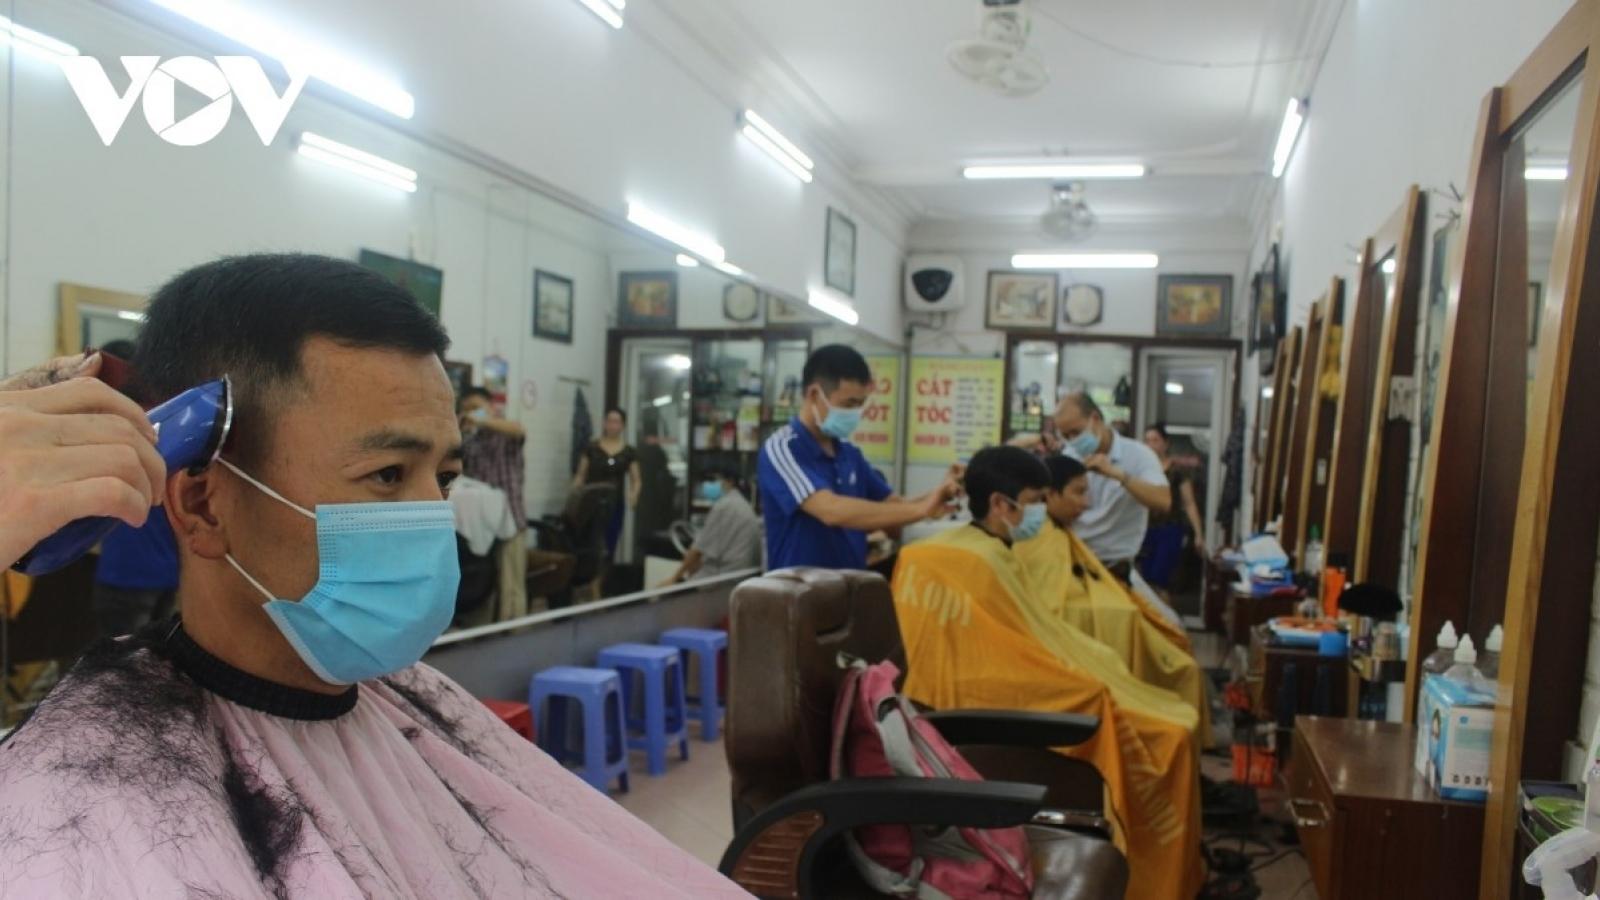 Quán phở, tiệm cắt tóc ở Hà Nội đông chật khách ngày mở cửa trở lại